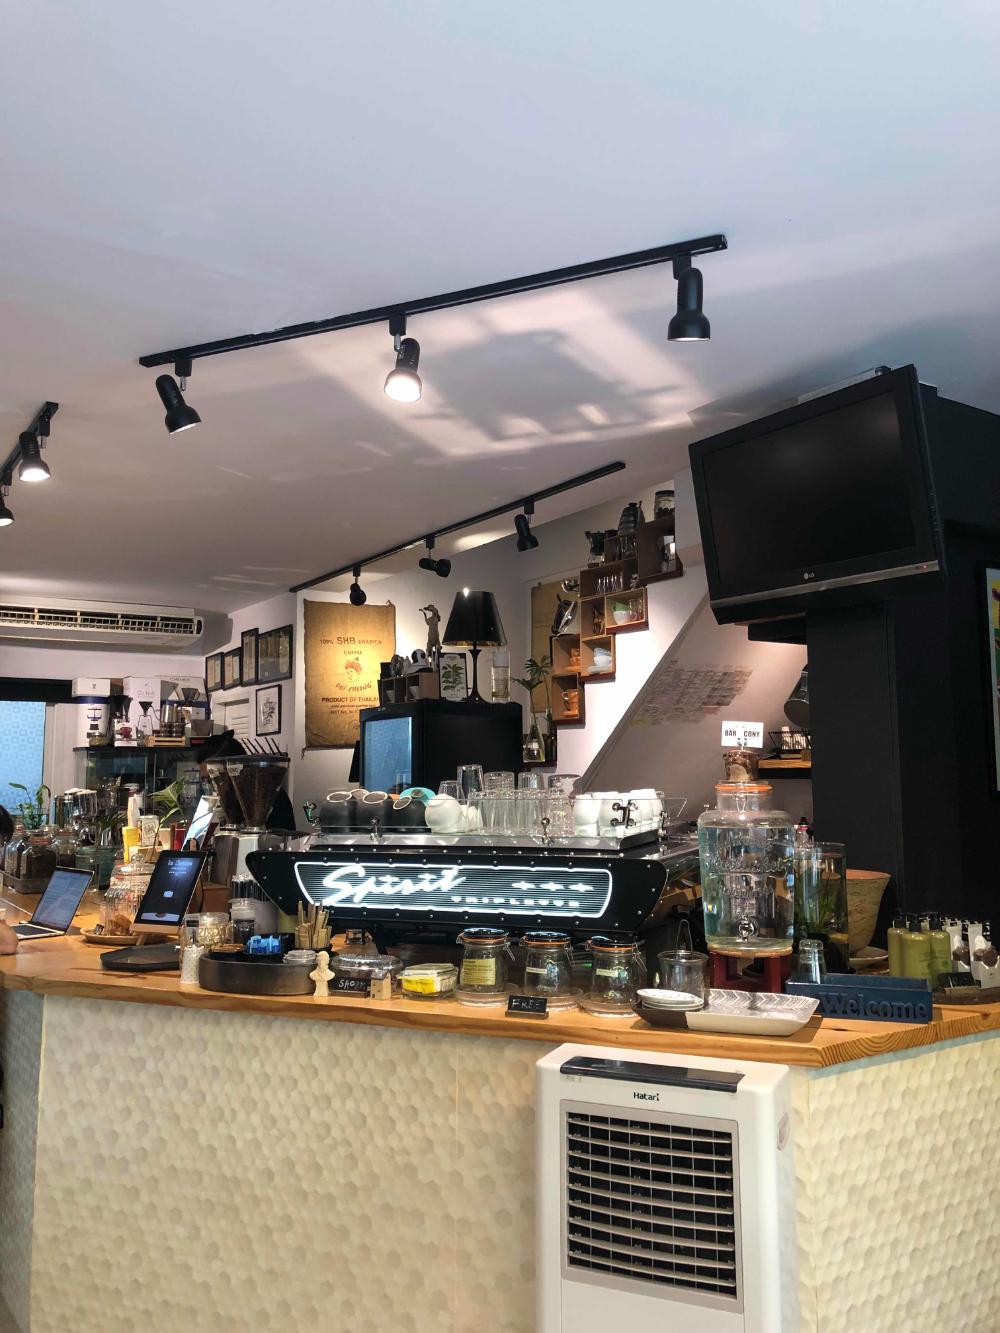 CR review ร้านกาแฟ BarCony ตีเหล็กต้องตีตอนร้อนกาแฟจะกิน